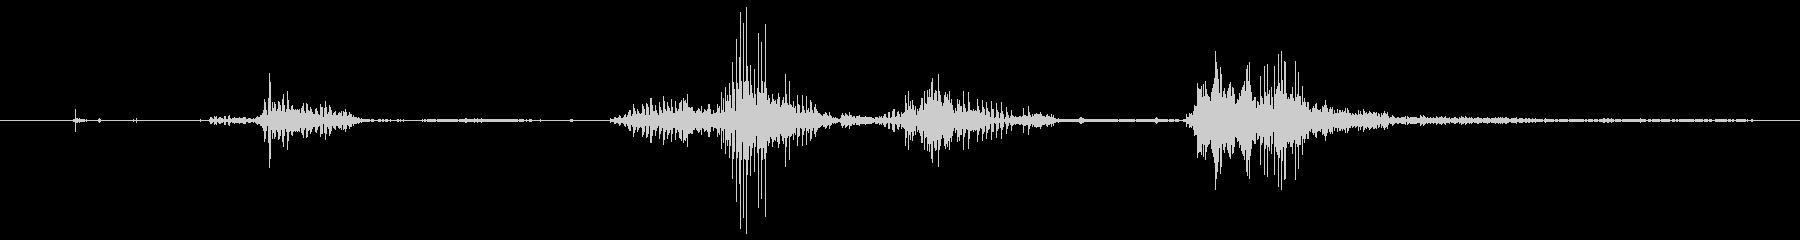 犬 チワワスナールファイト09の未再生の波形